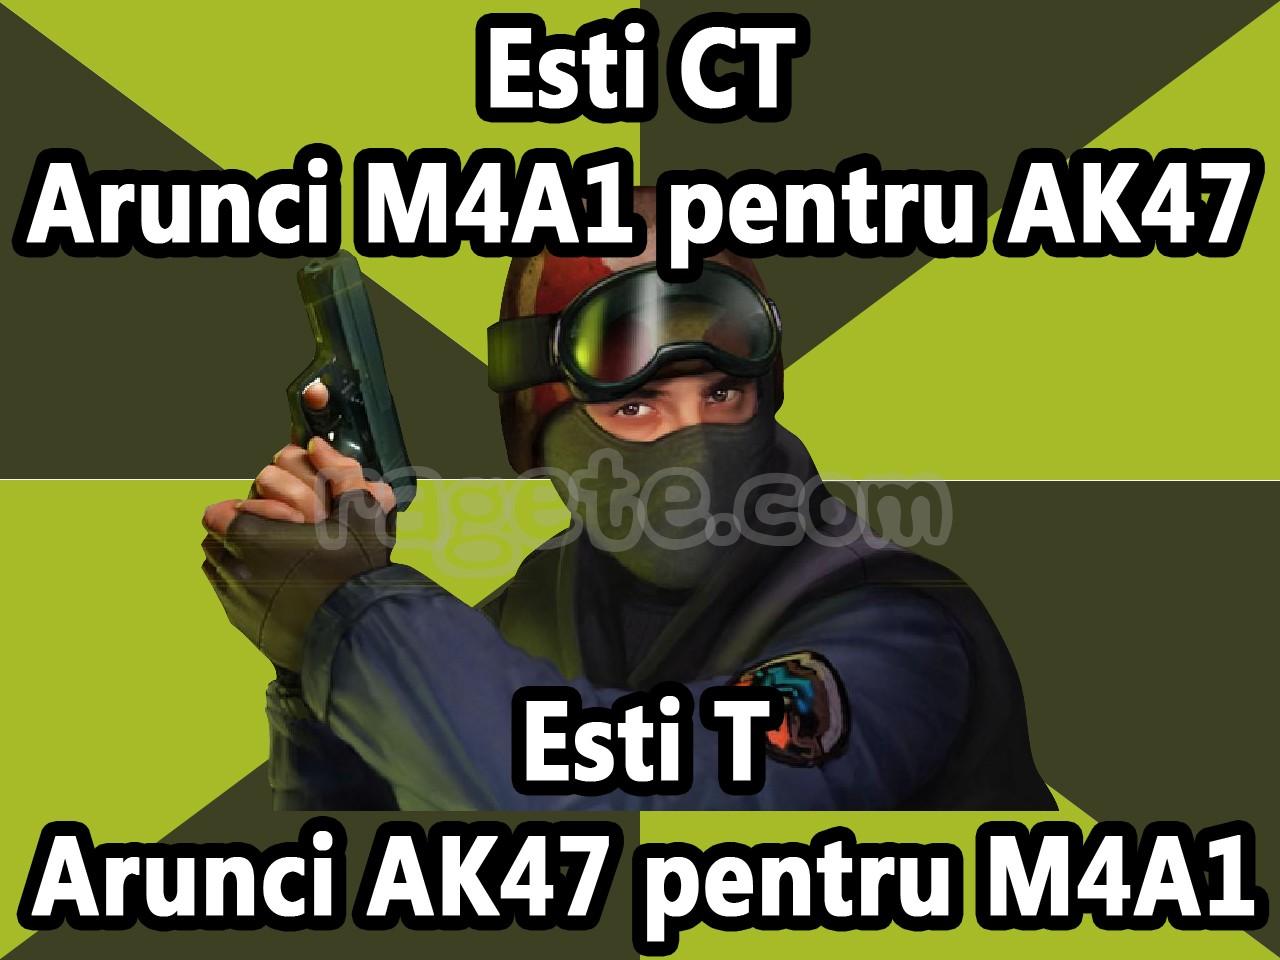 AK47 VS M4A1